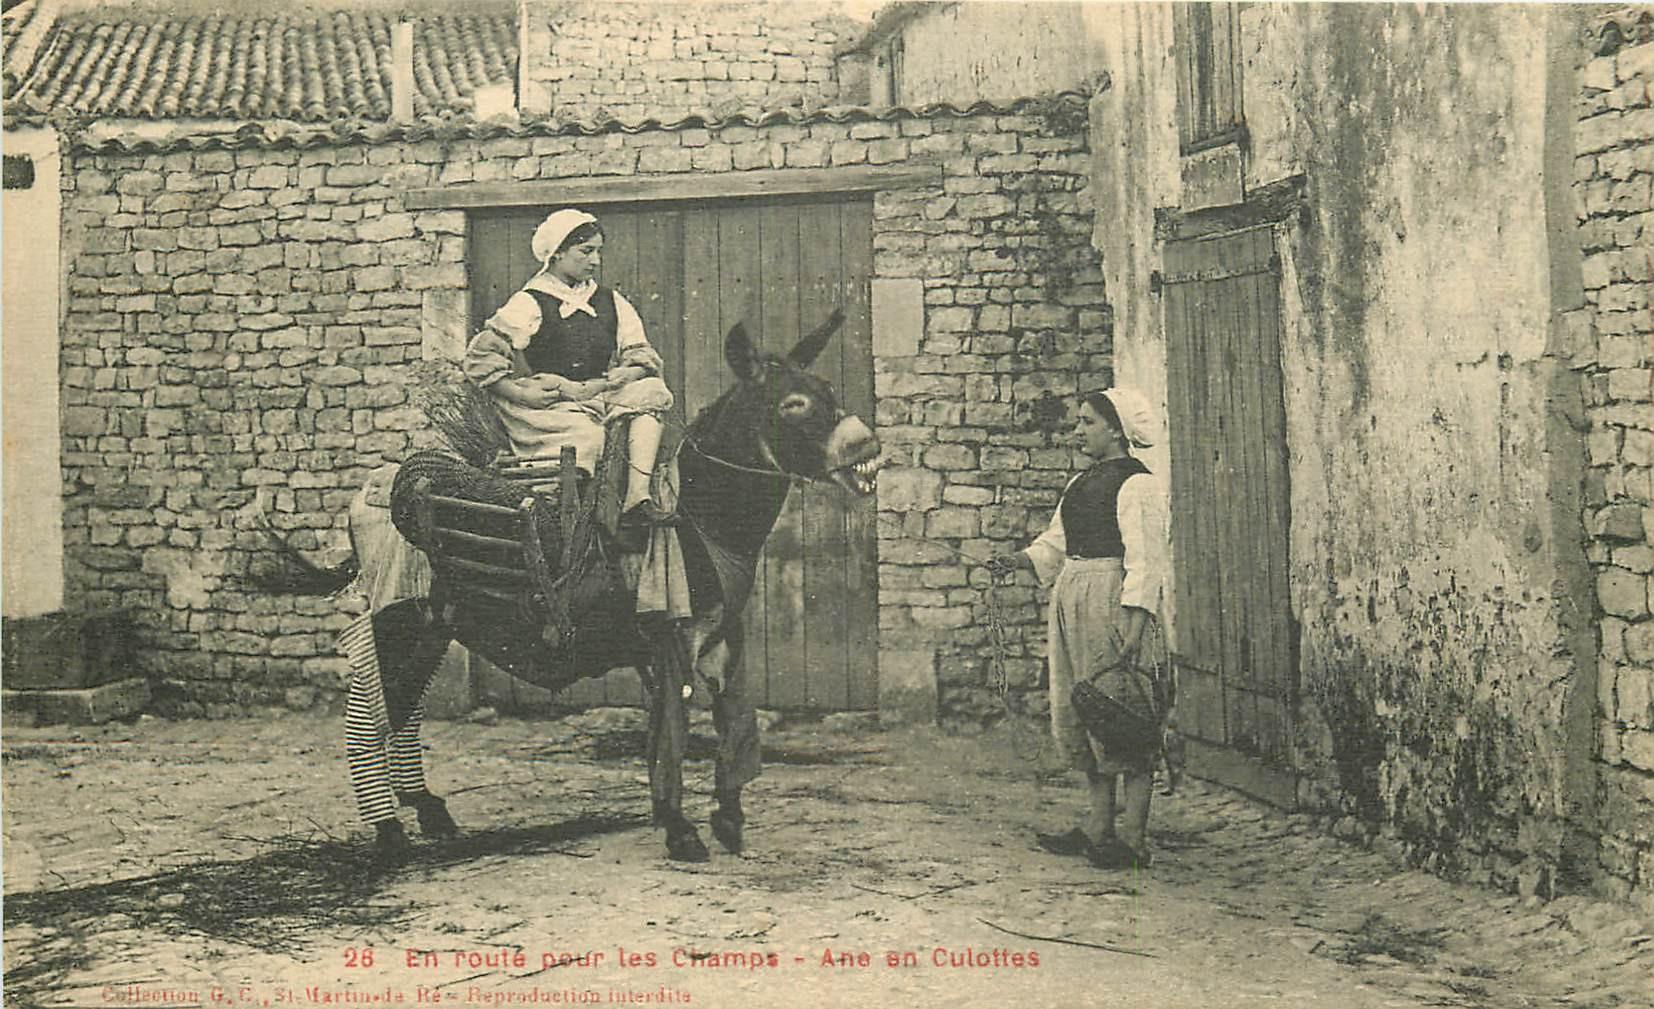 WW 17 SAINT-MARTIN DE RE. Ane en Culottes en route pour les Champs